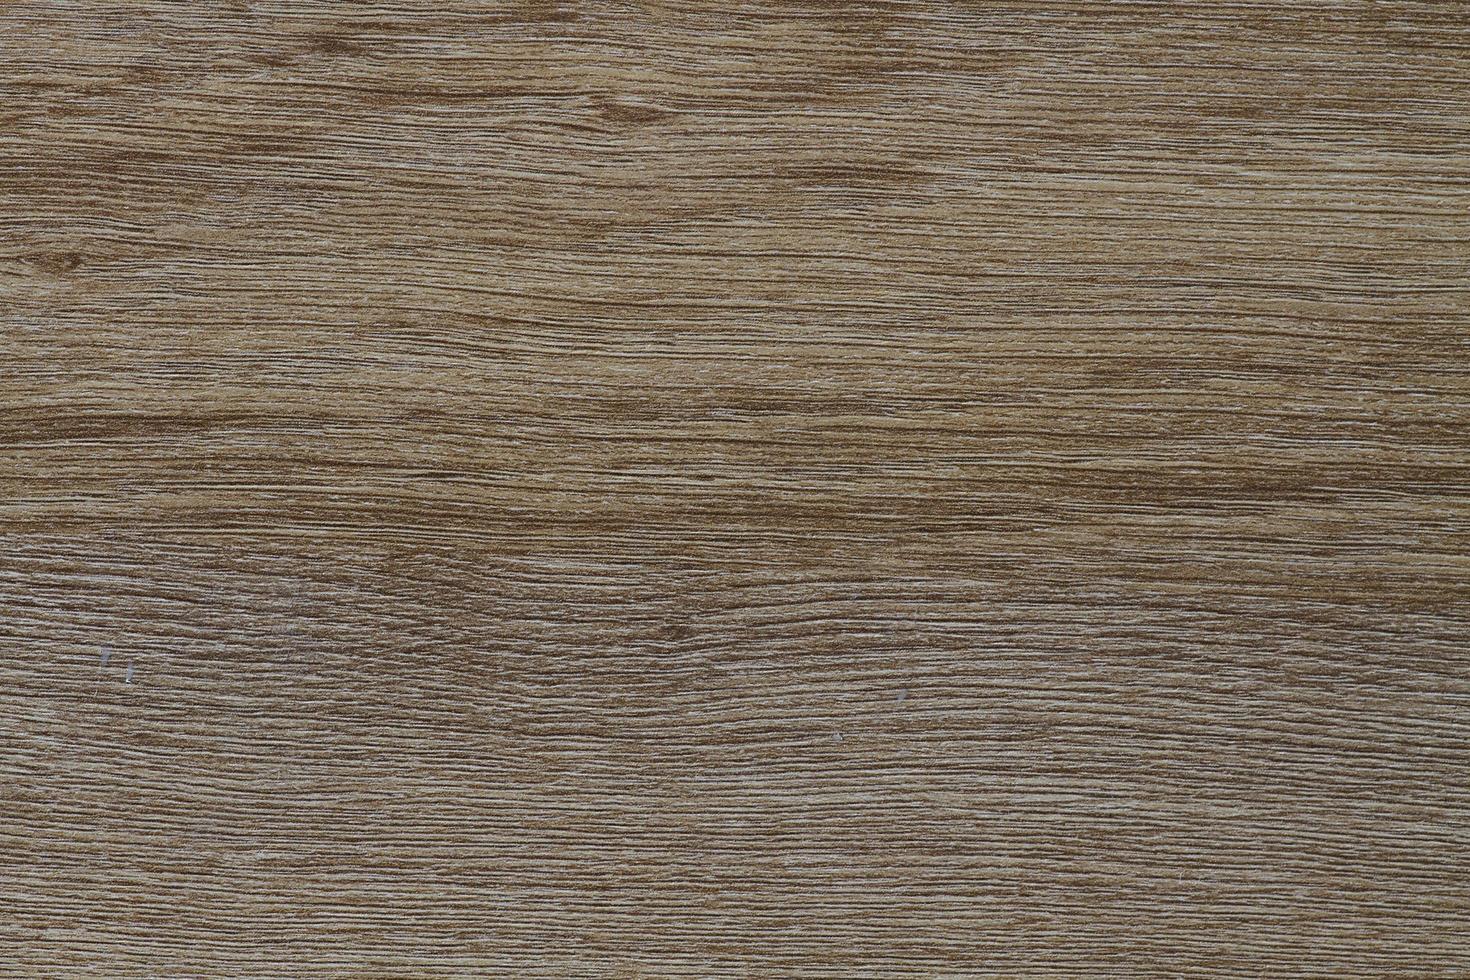 texture et arrière-plan du bois naturel. photo